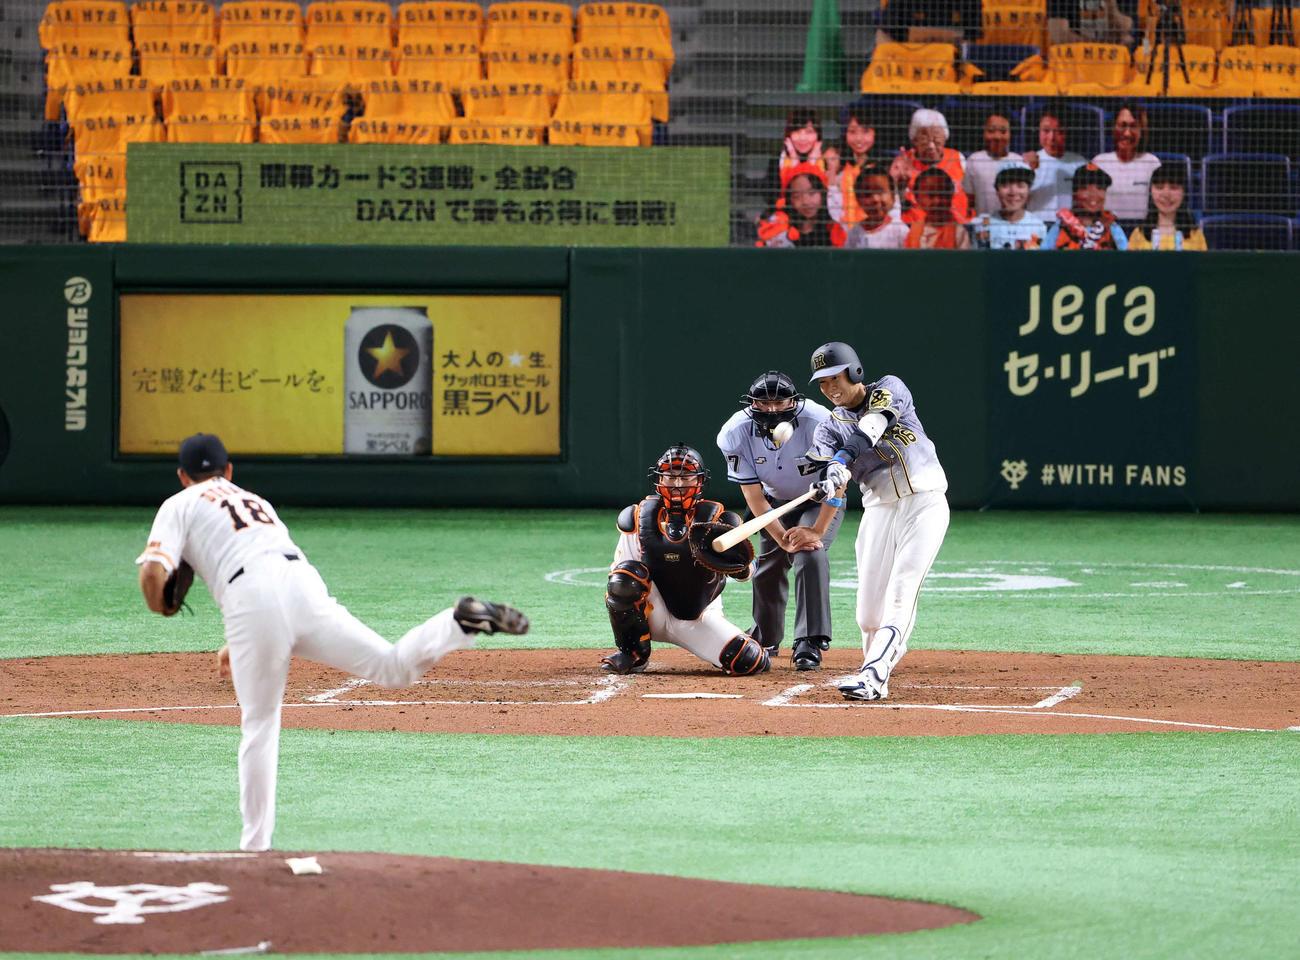 巨人対阪神 3回表阪神2死、プロ初となる先制ソロ本塁打を左越えに放つ西勇。投手菅野(撮影・江口和貴)